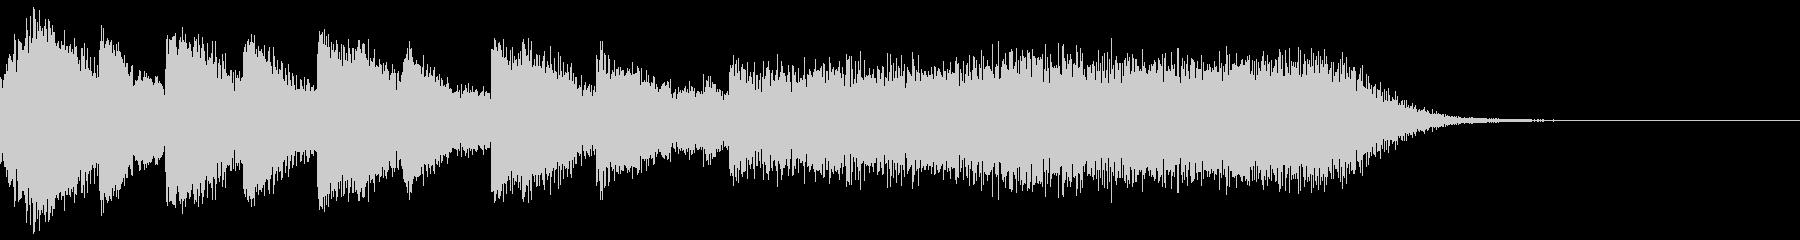 タラララタトタトタトタトター(場面転換)の未再生の波形